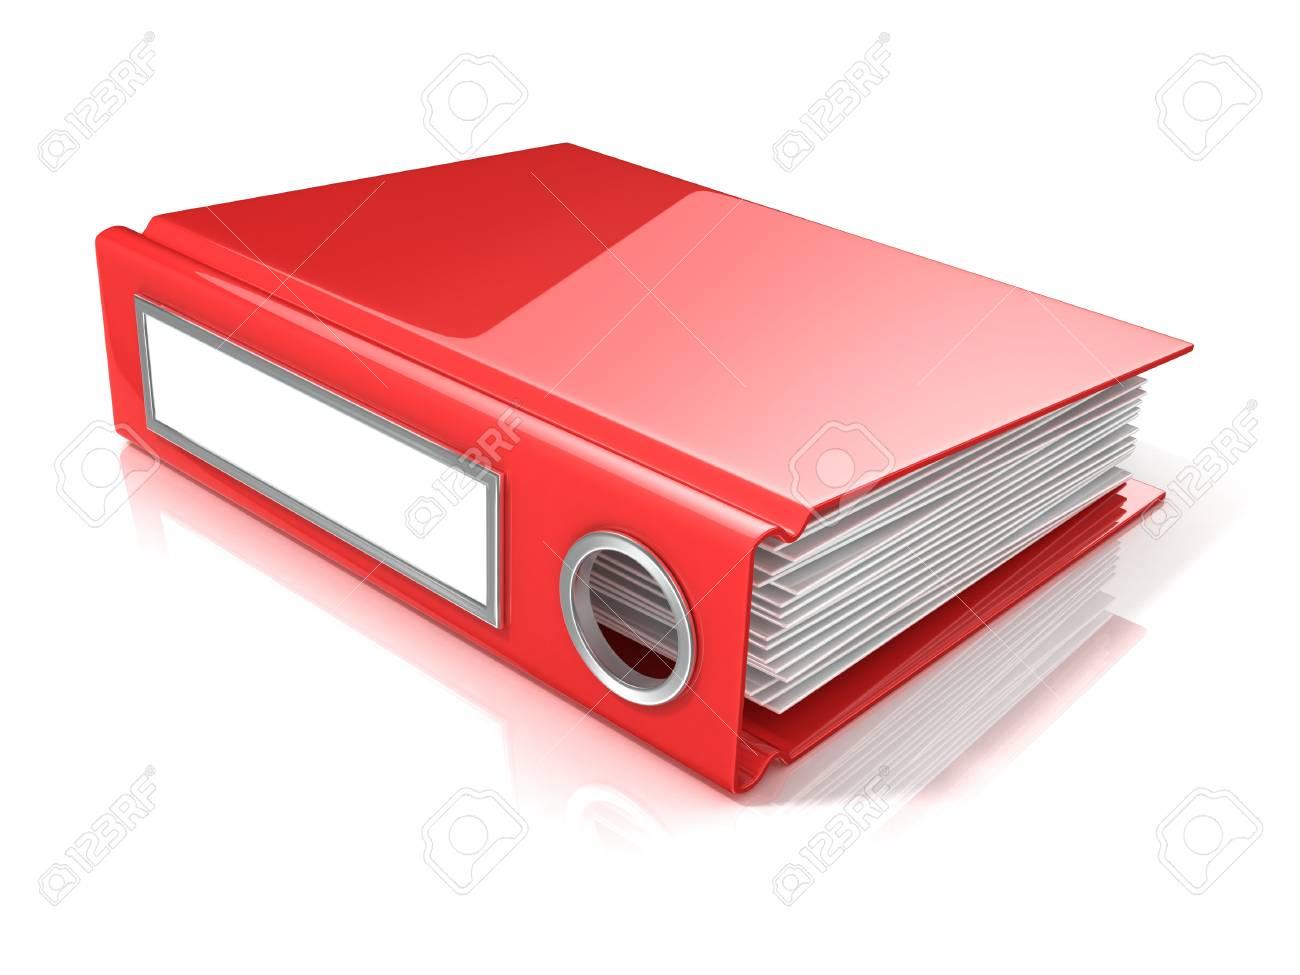 Ufficio Rosso E Bianco : Cartella ufficio rosso d rendering illustrazione isolato su